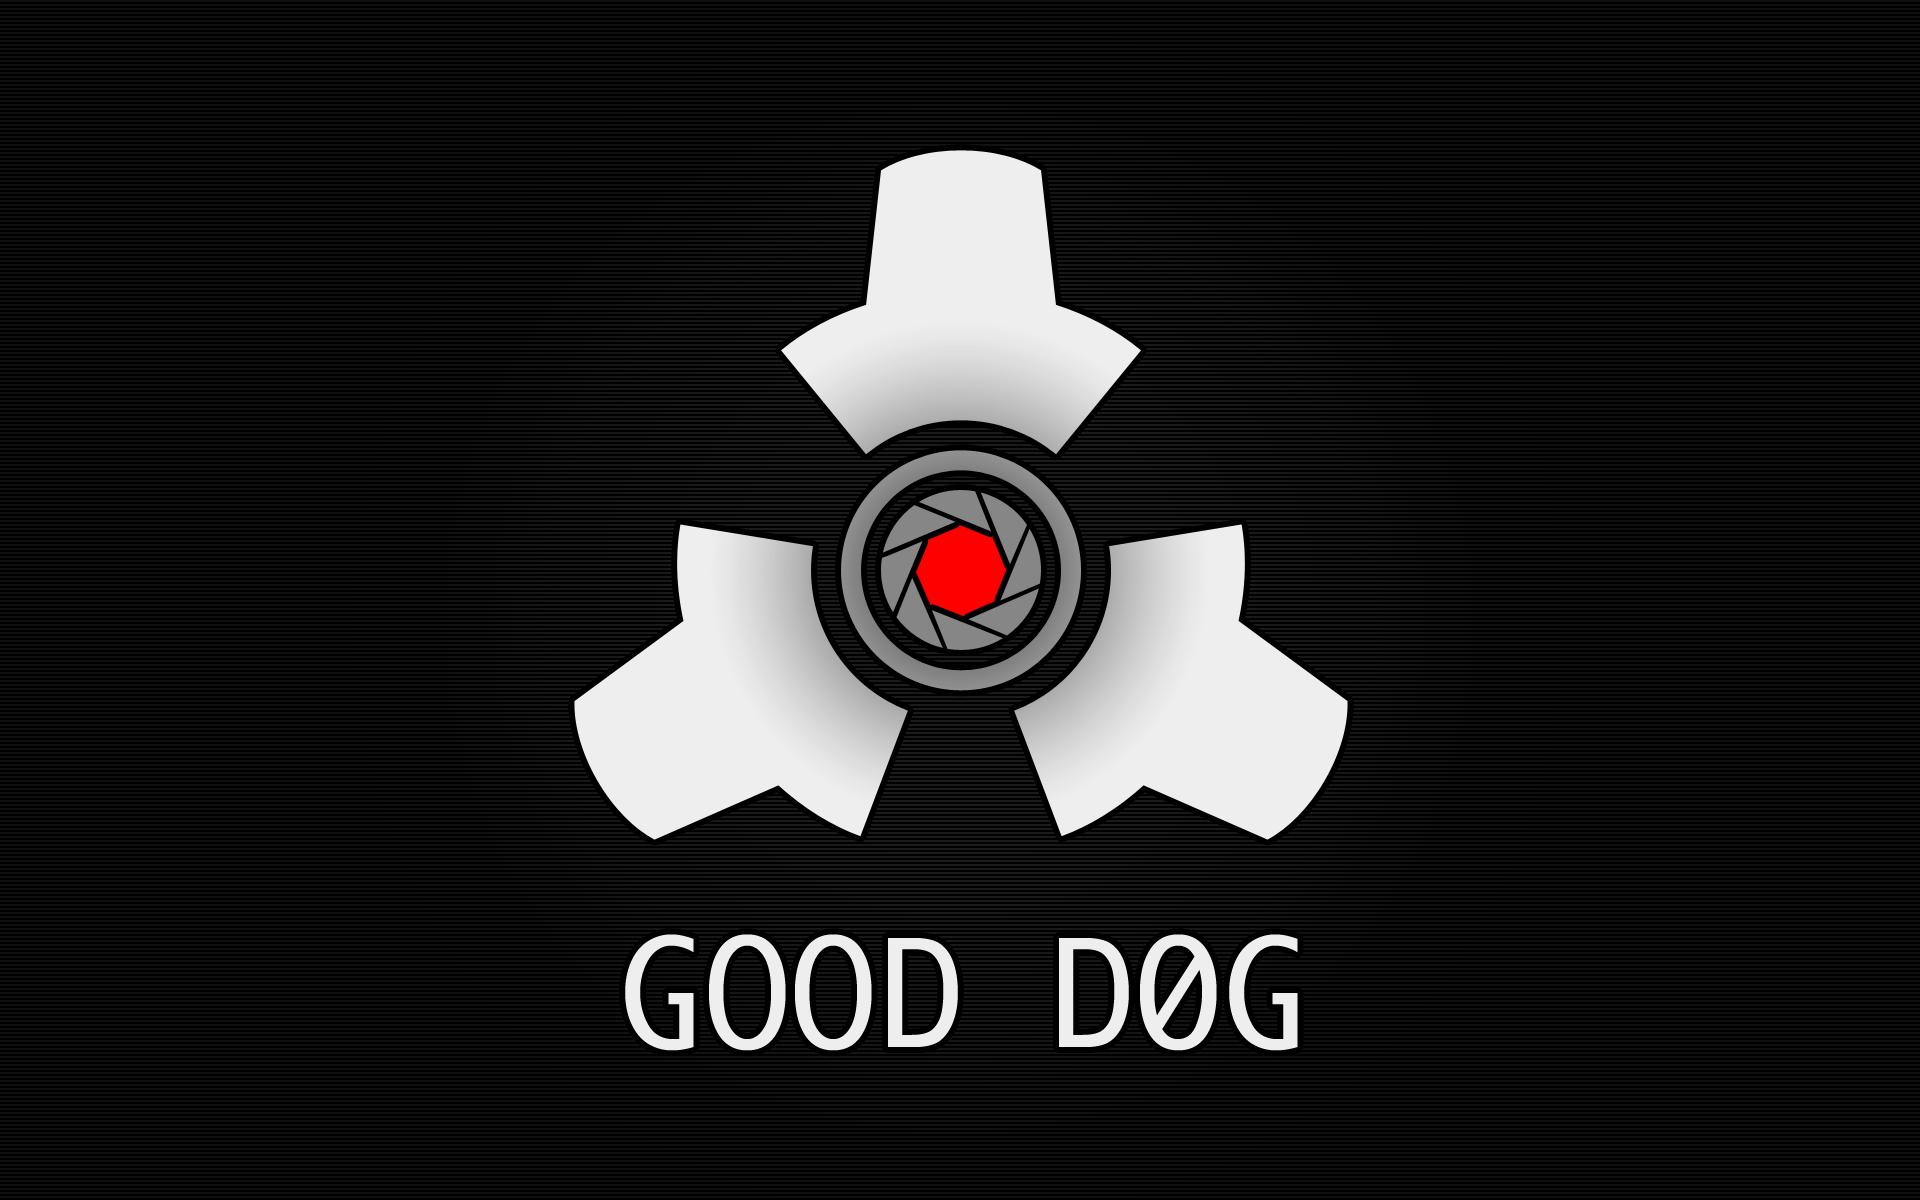 Good dog by Zeptozephyr